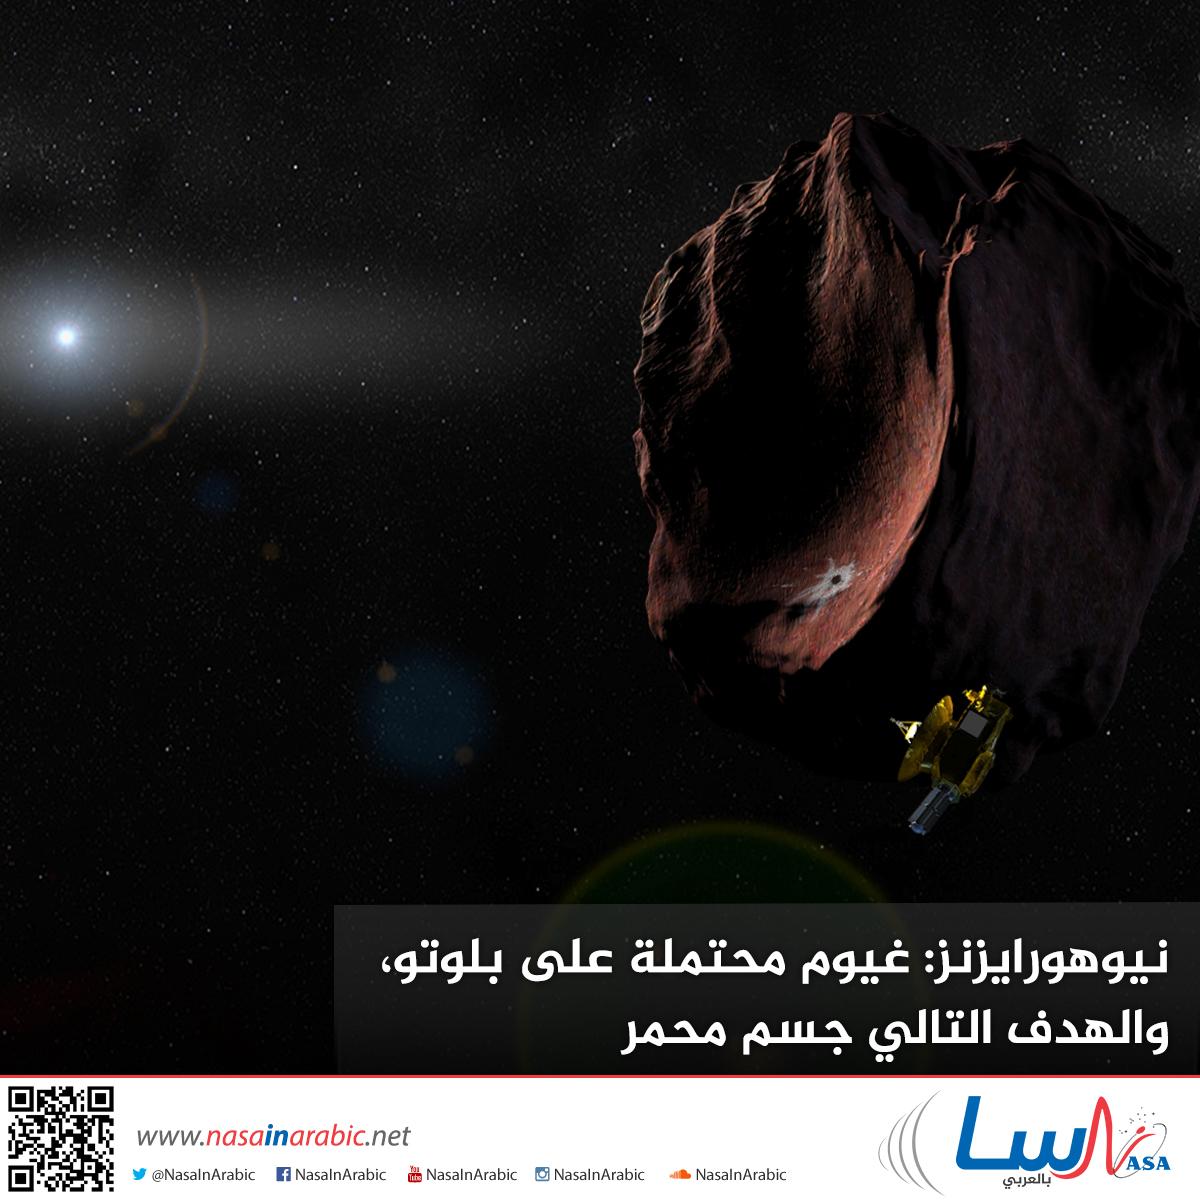 نيوهورايزنز: غيوم محتملة على بلوتو، والهدف التالي جسم محمر